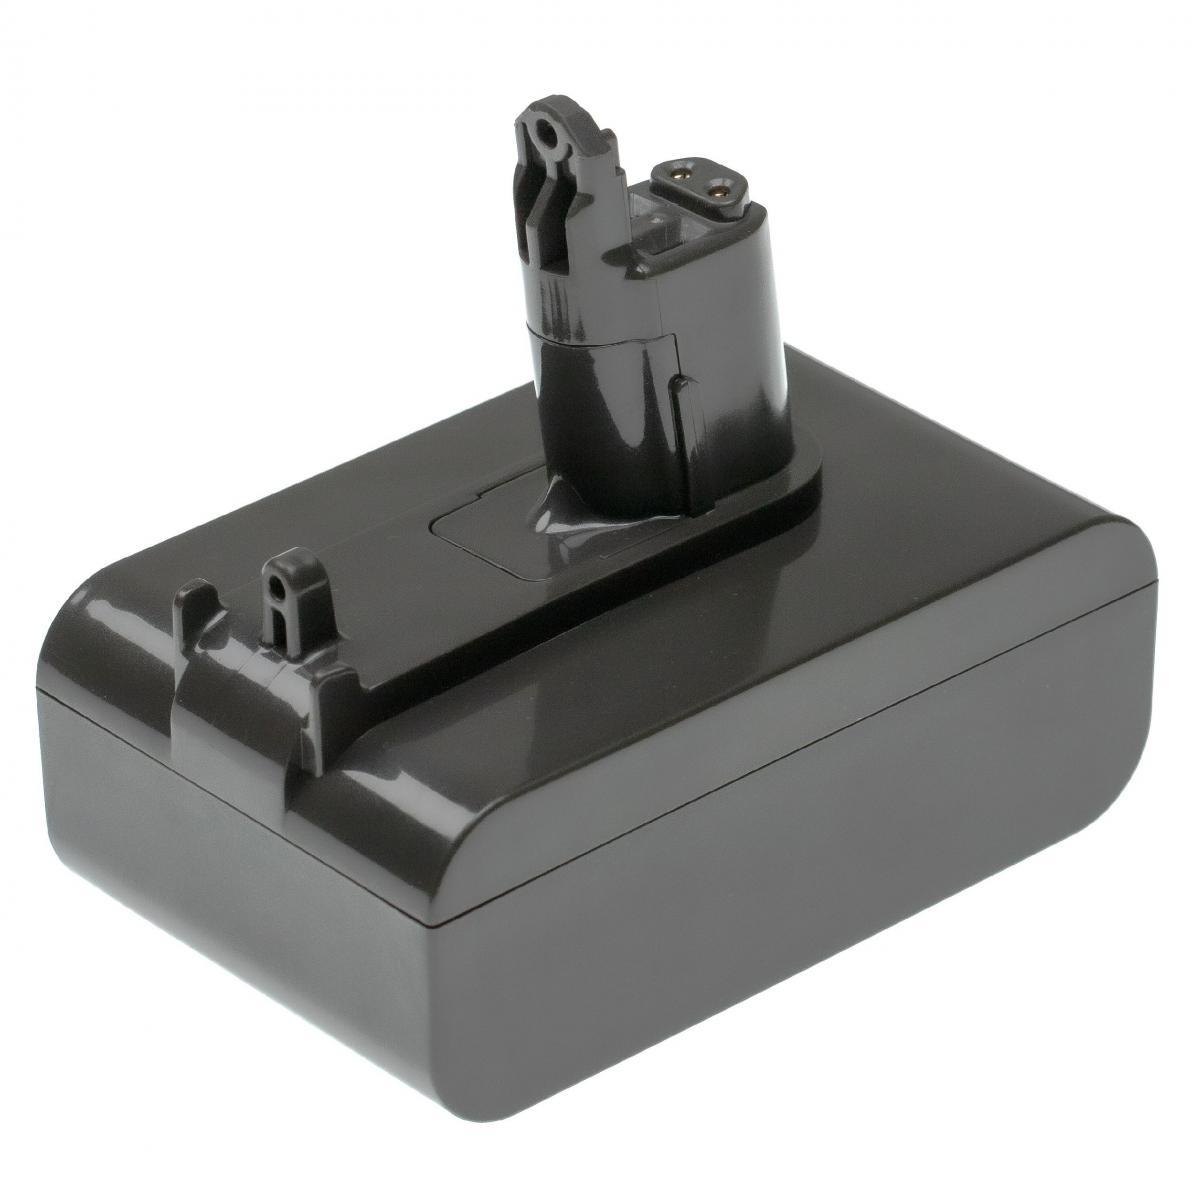 Vhbw INTENSILO batterie compatible avec Dyson DC45, DC43, DC43h Animal Pro aspirateur Home Cleaner (5000mAh, 22,2V, Li-Ion)